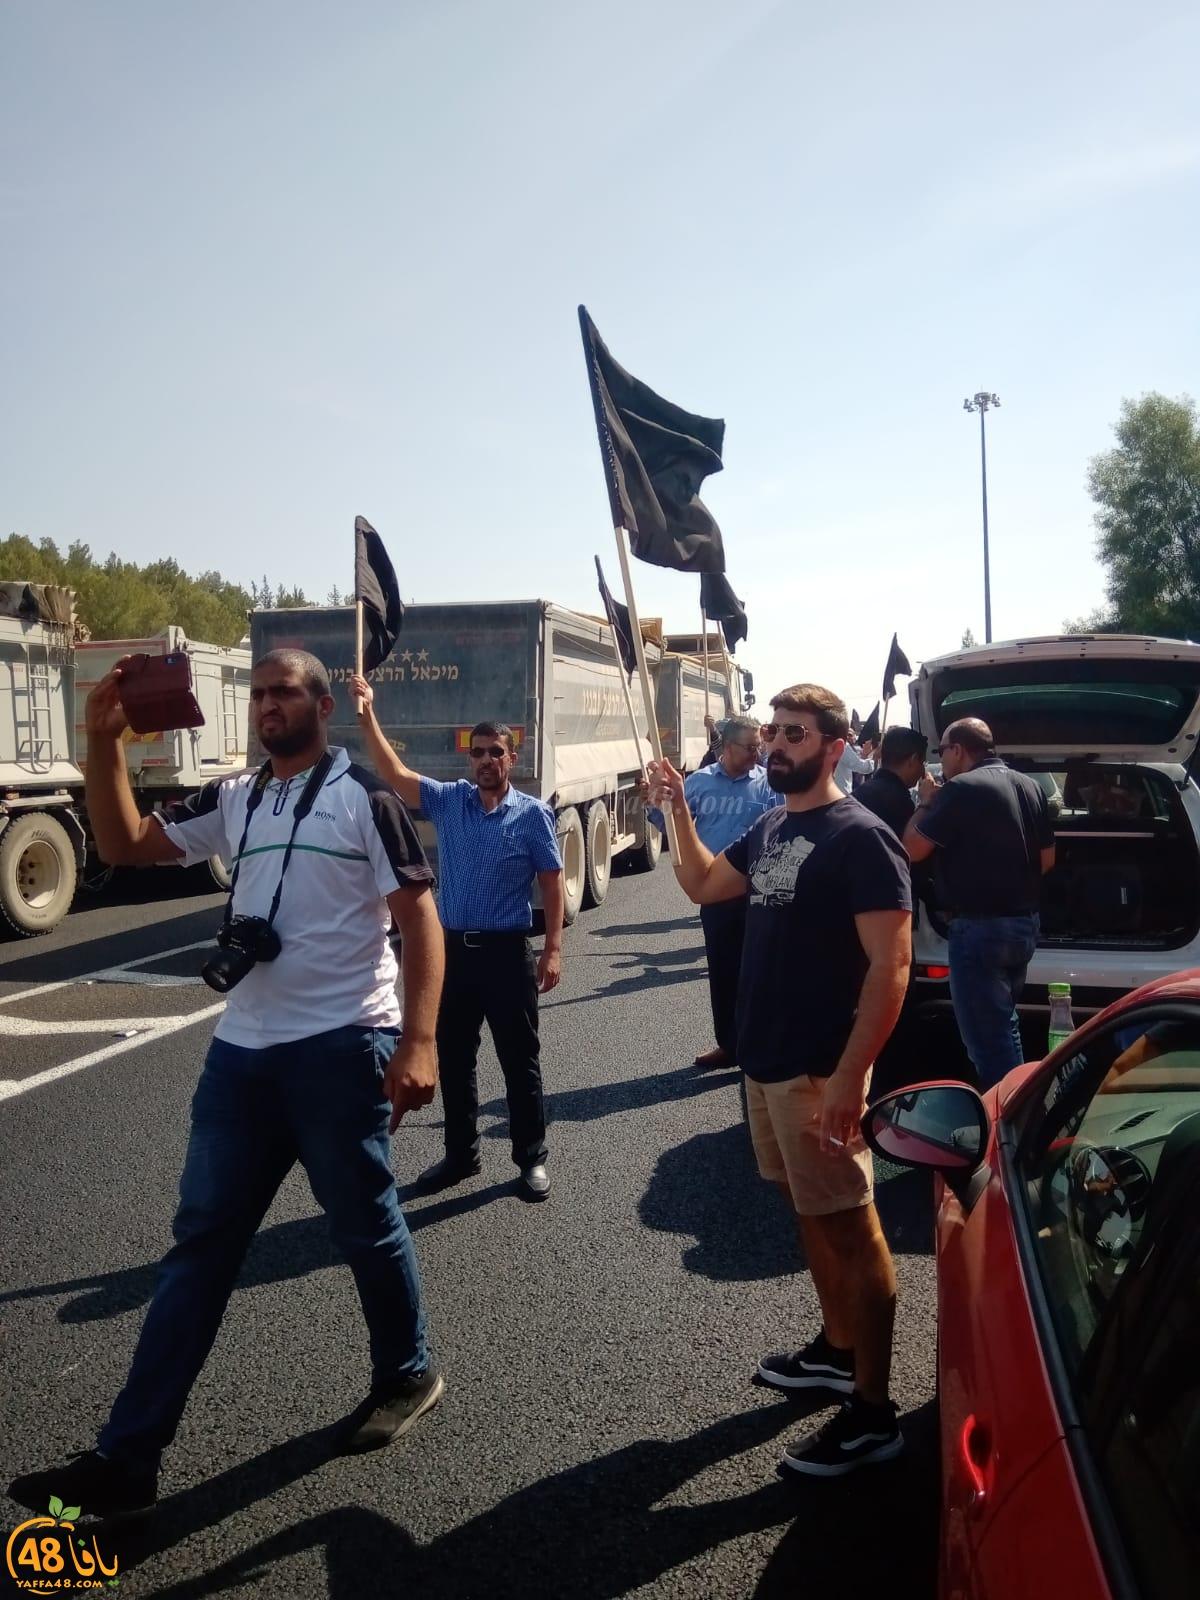 مسيرة السيارات تواصل طريقها الى القدس وتعرقل حركة السير في شارع 6 احتجاجاً على العنف